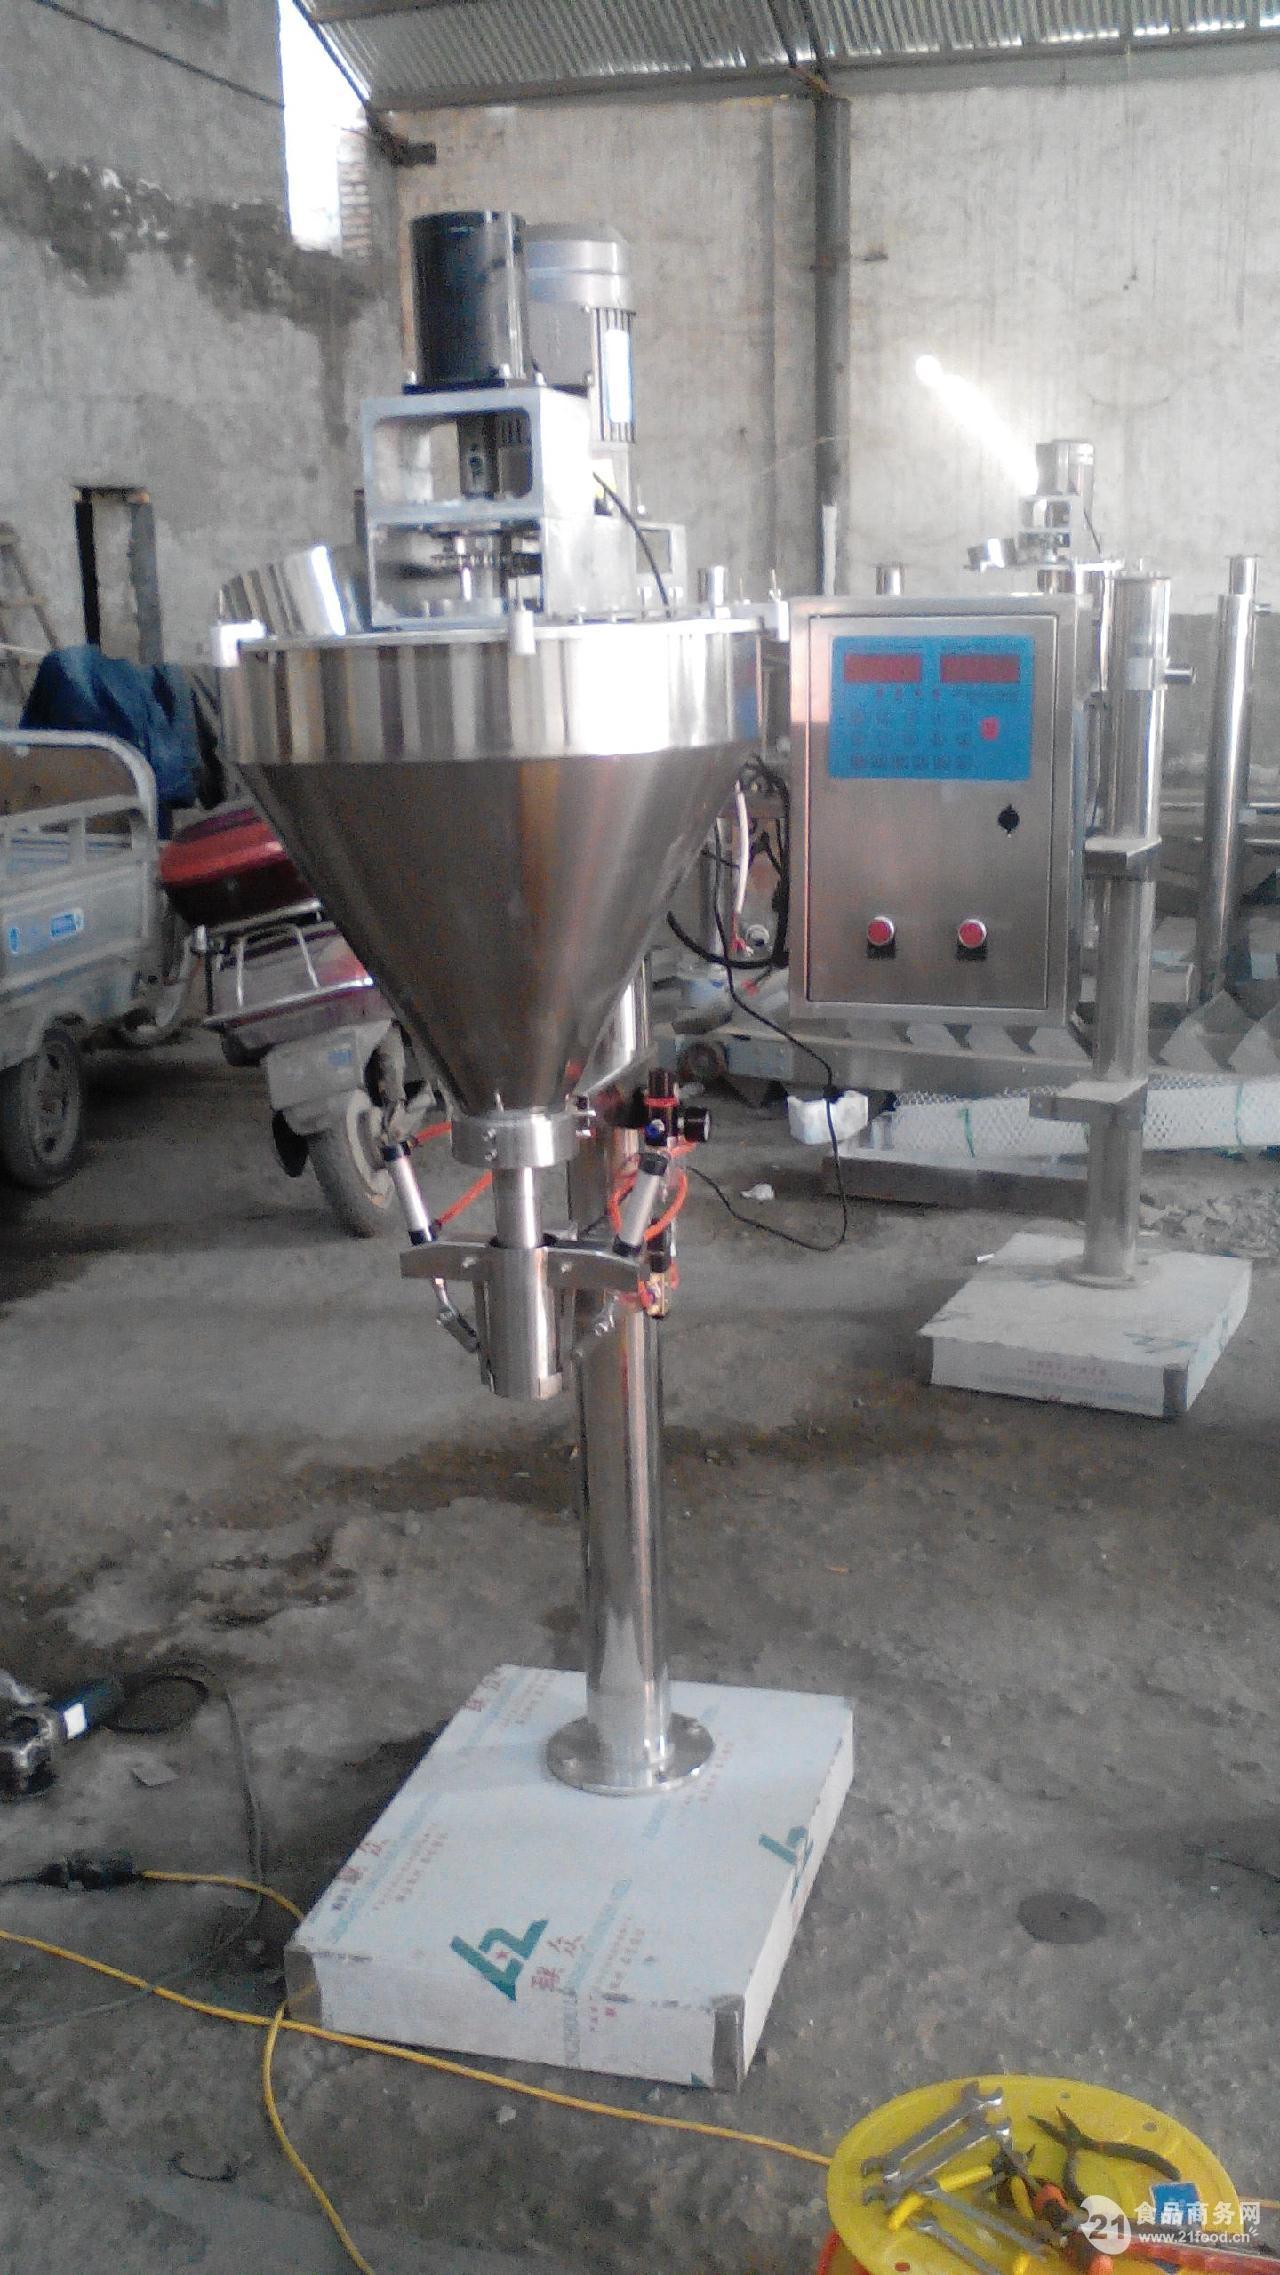 公司库 郑州晨阳自动化包装设备有限公司 产品展示 > 化工称重分装机